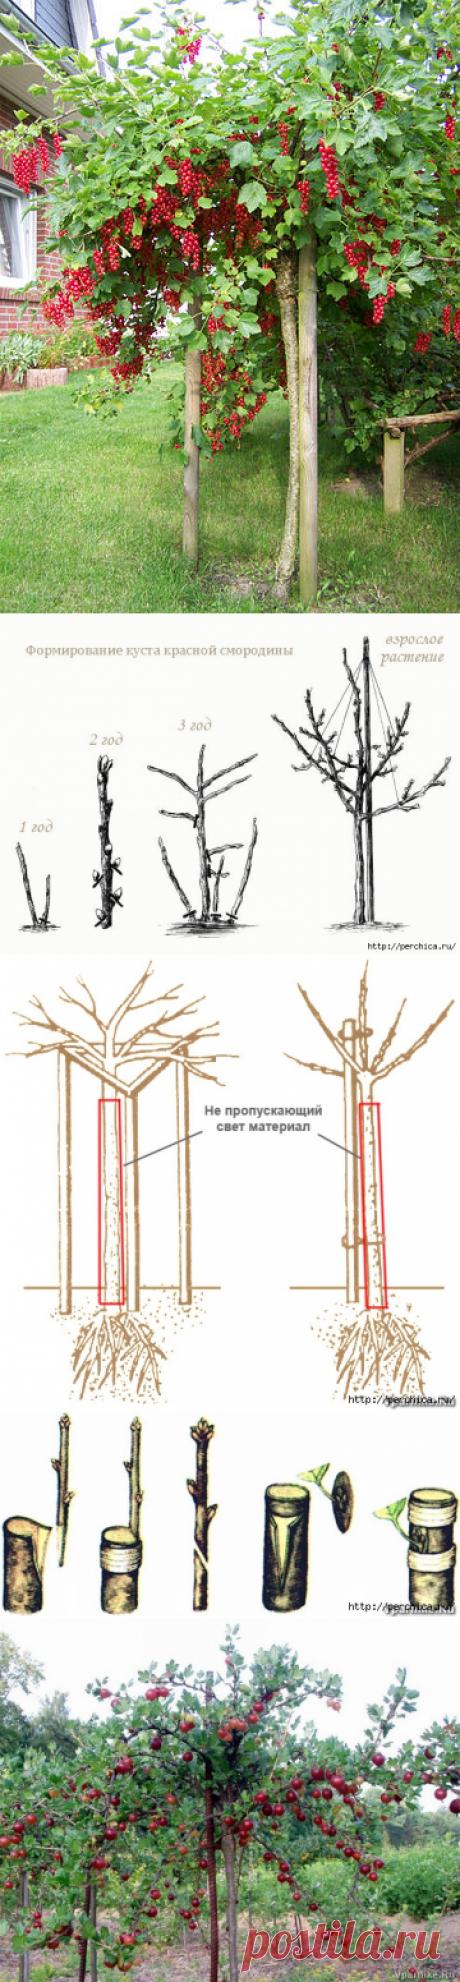 Как сделать из смородины и крыжовника деревце штамбовой формы